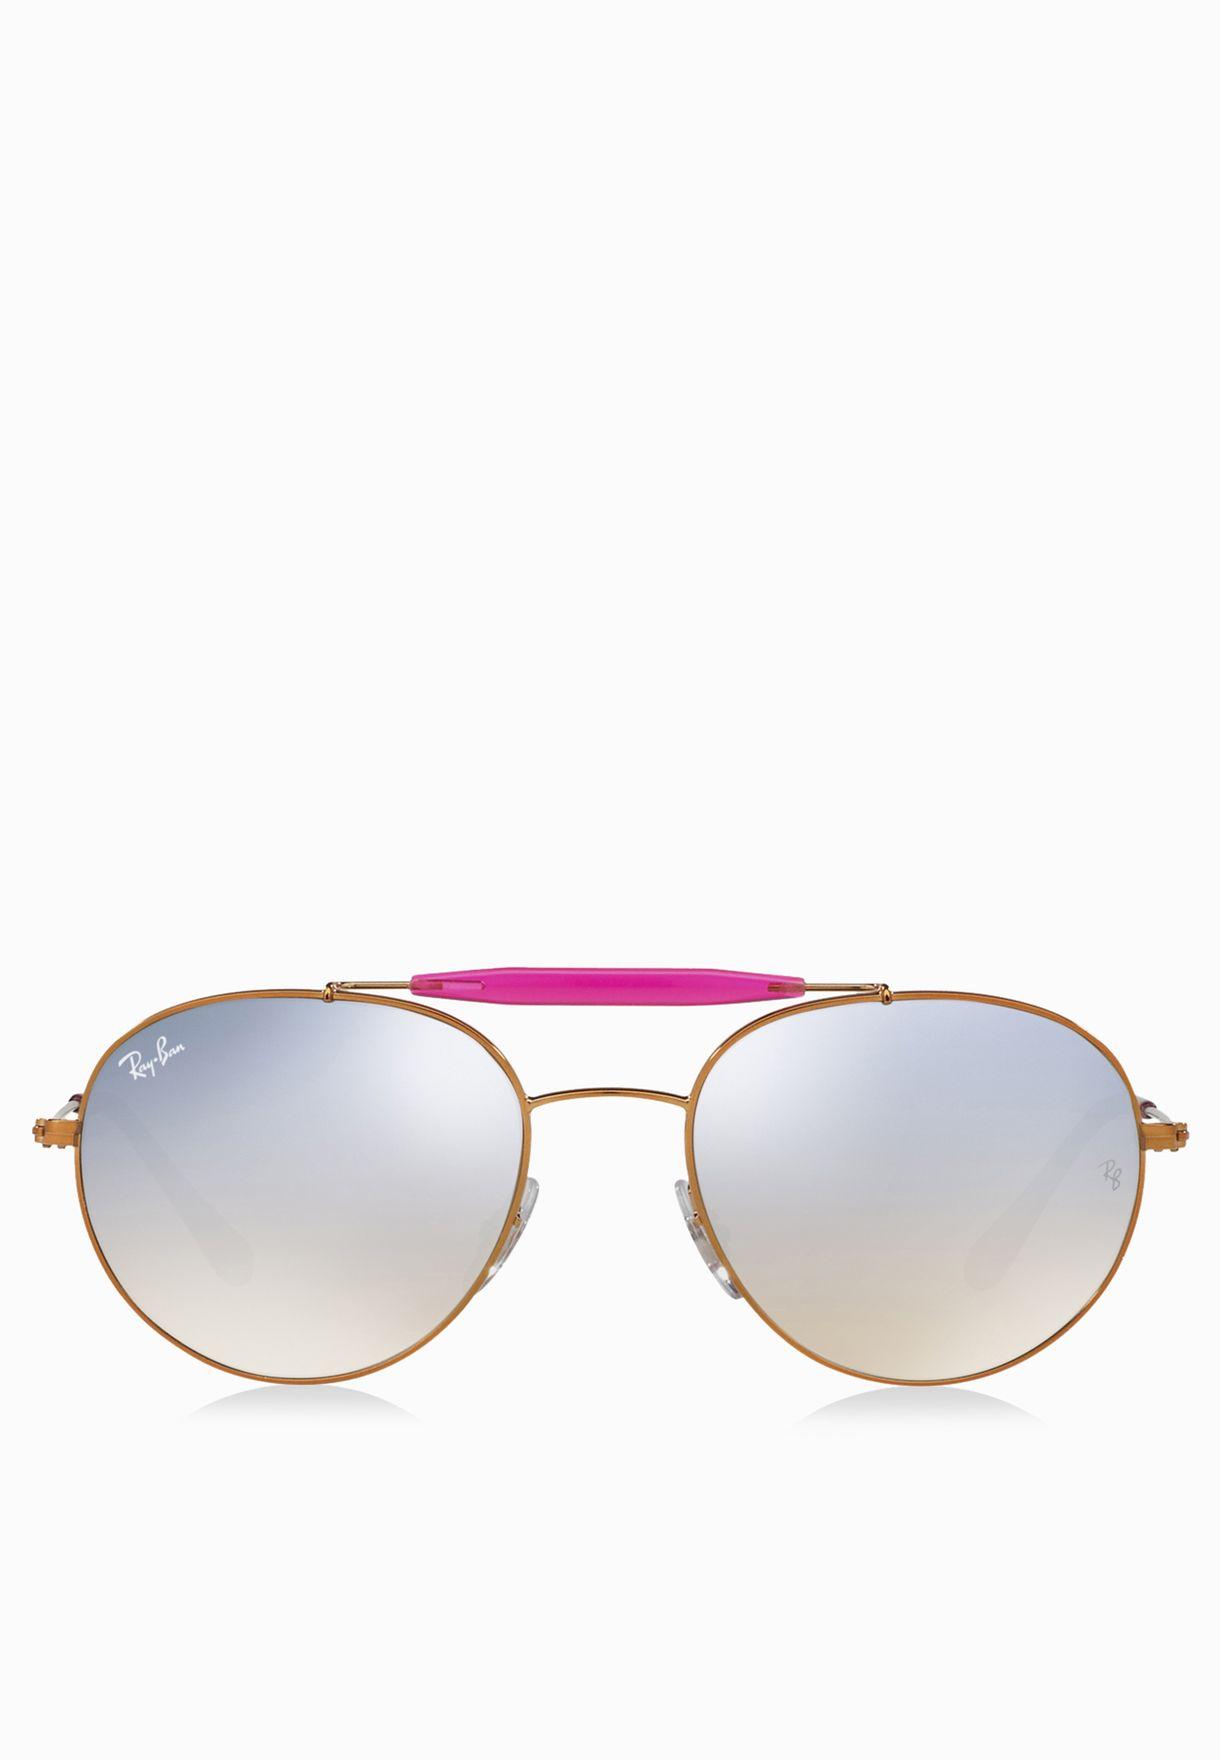 226785ecf تسوق نظارة شمسية افياتور ماركة ريبان لون برونز 8053672611830 في قطر ...